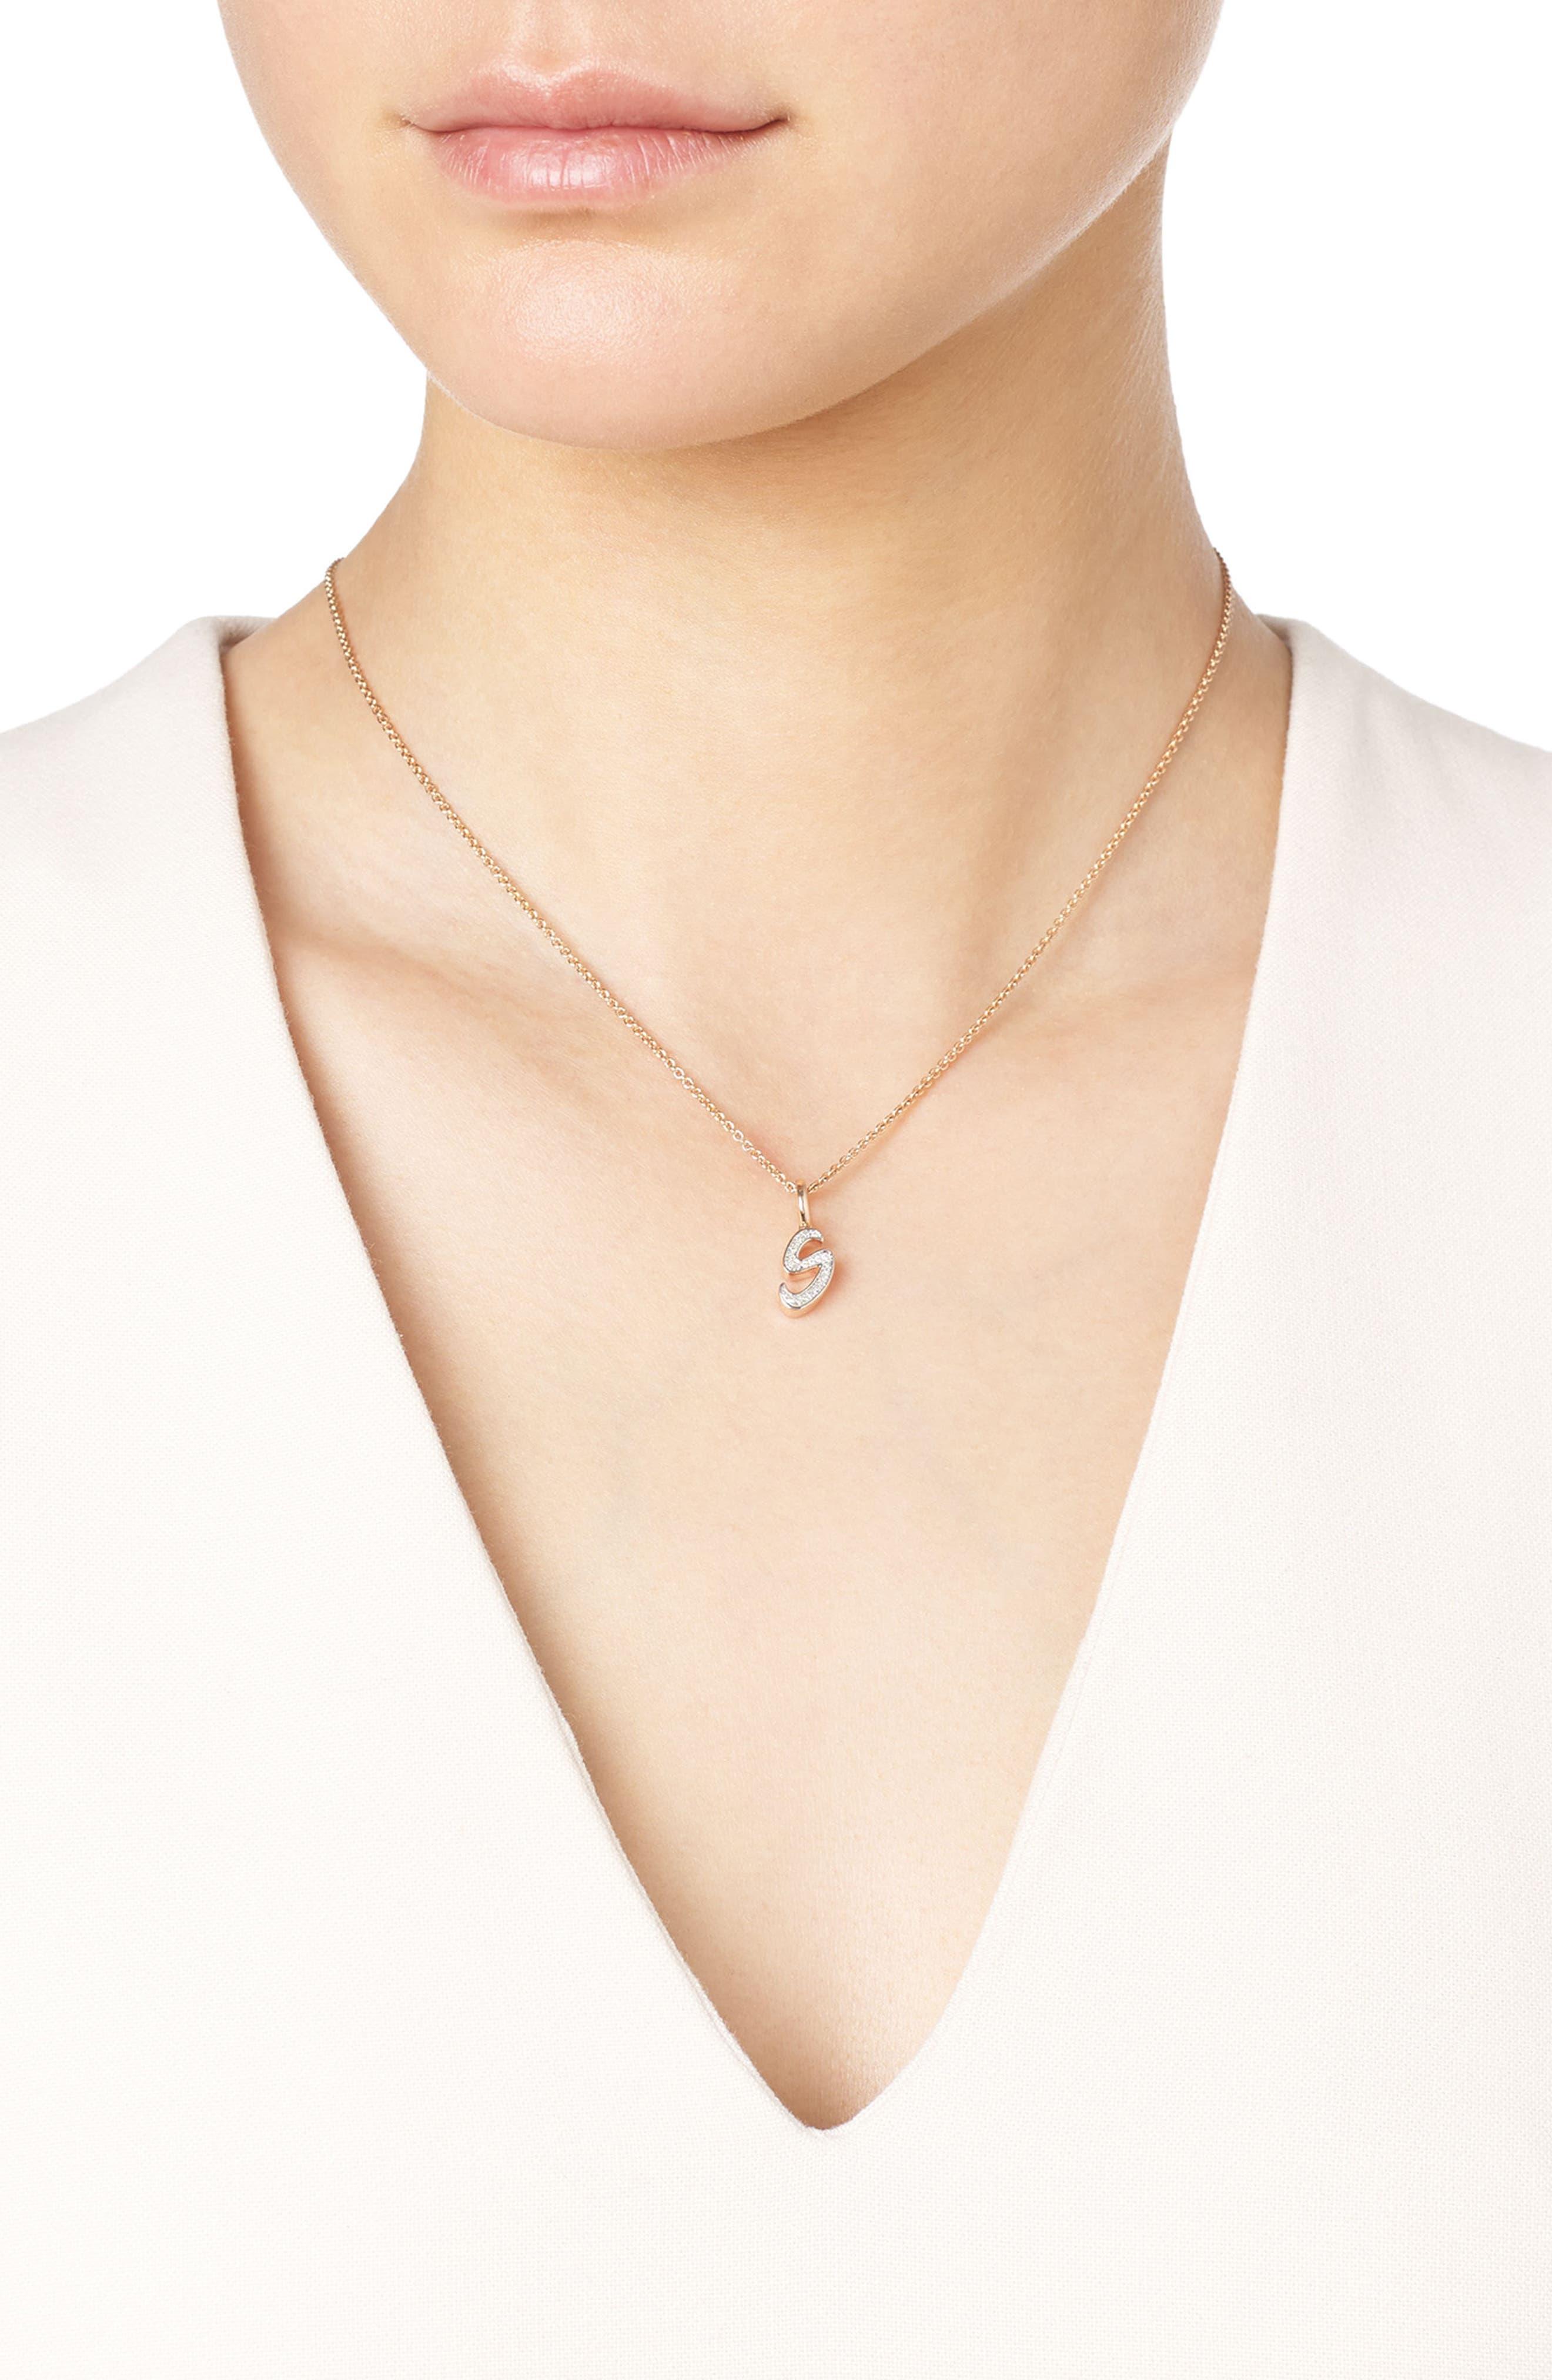 Diamond Initial Pendant,                             Alternate thumbnail 2, color,                             Rose Gold/ Diamond- S